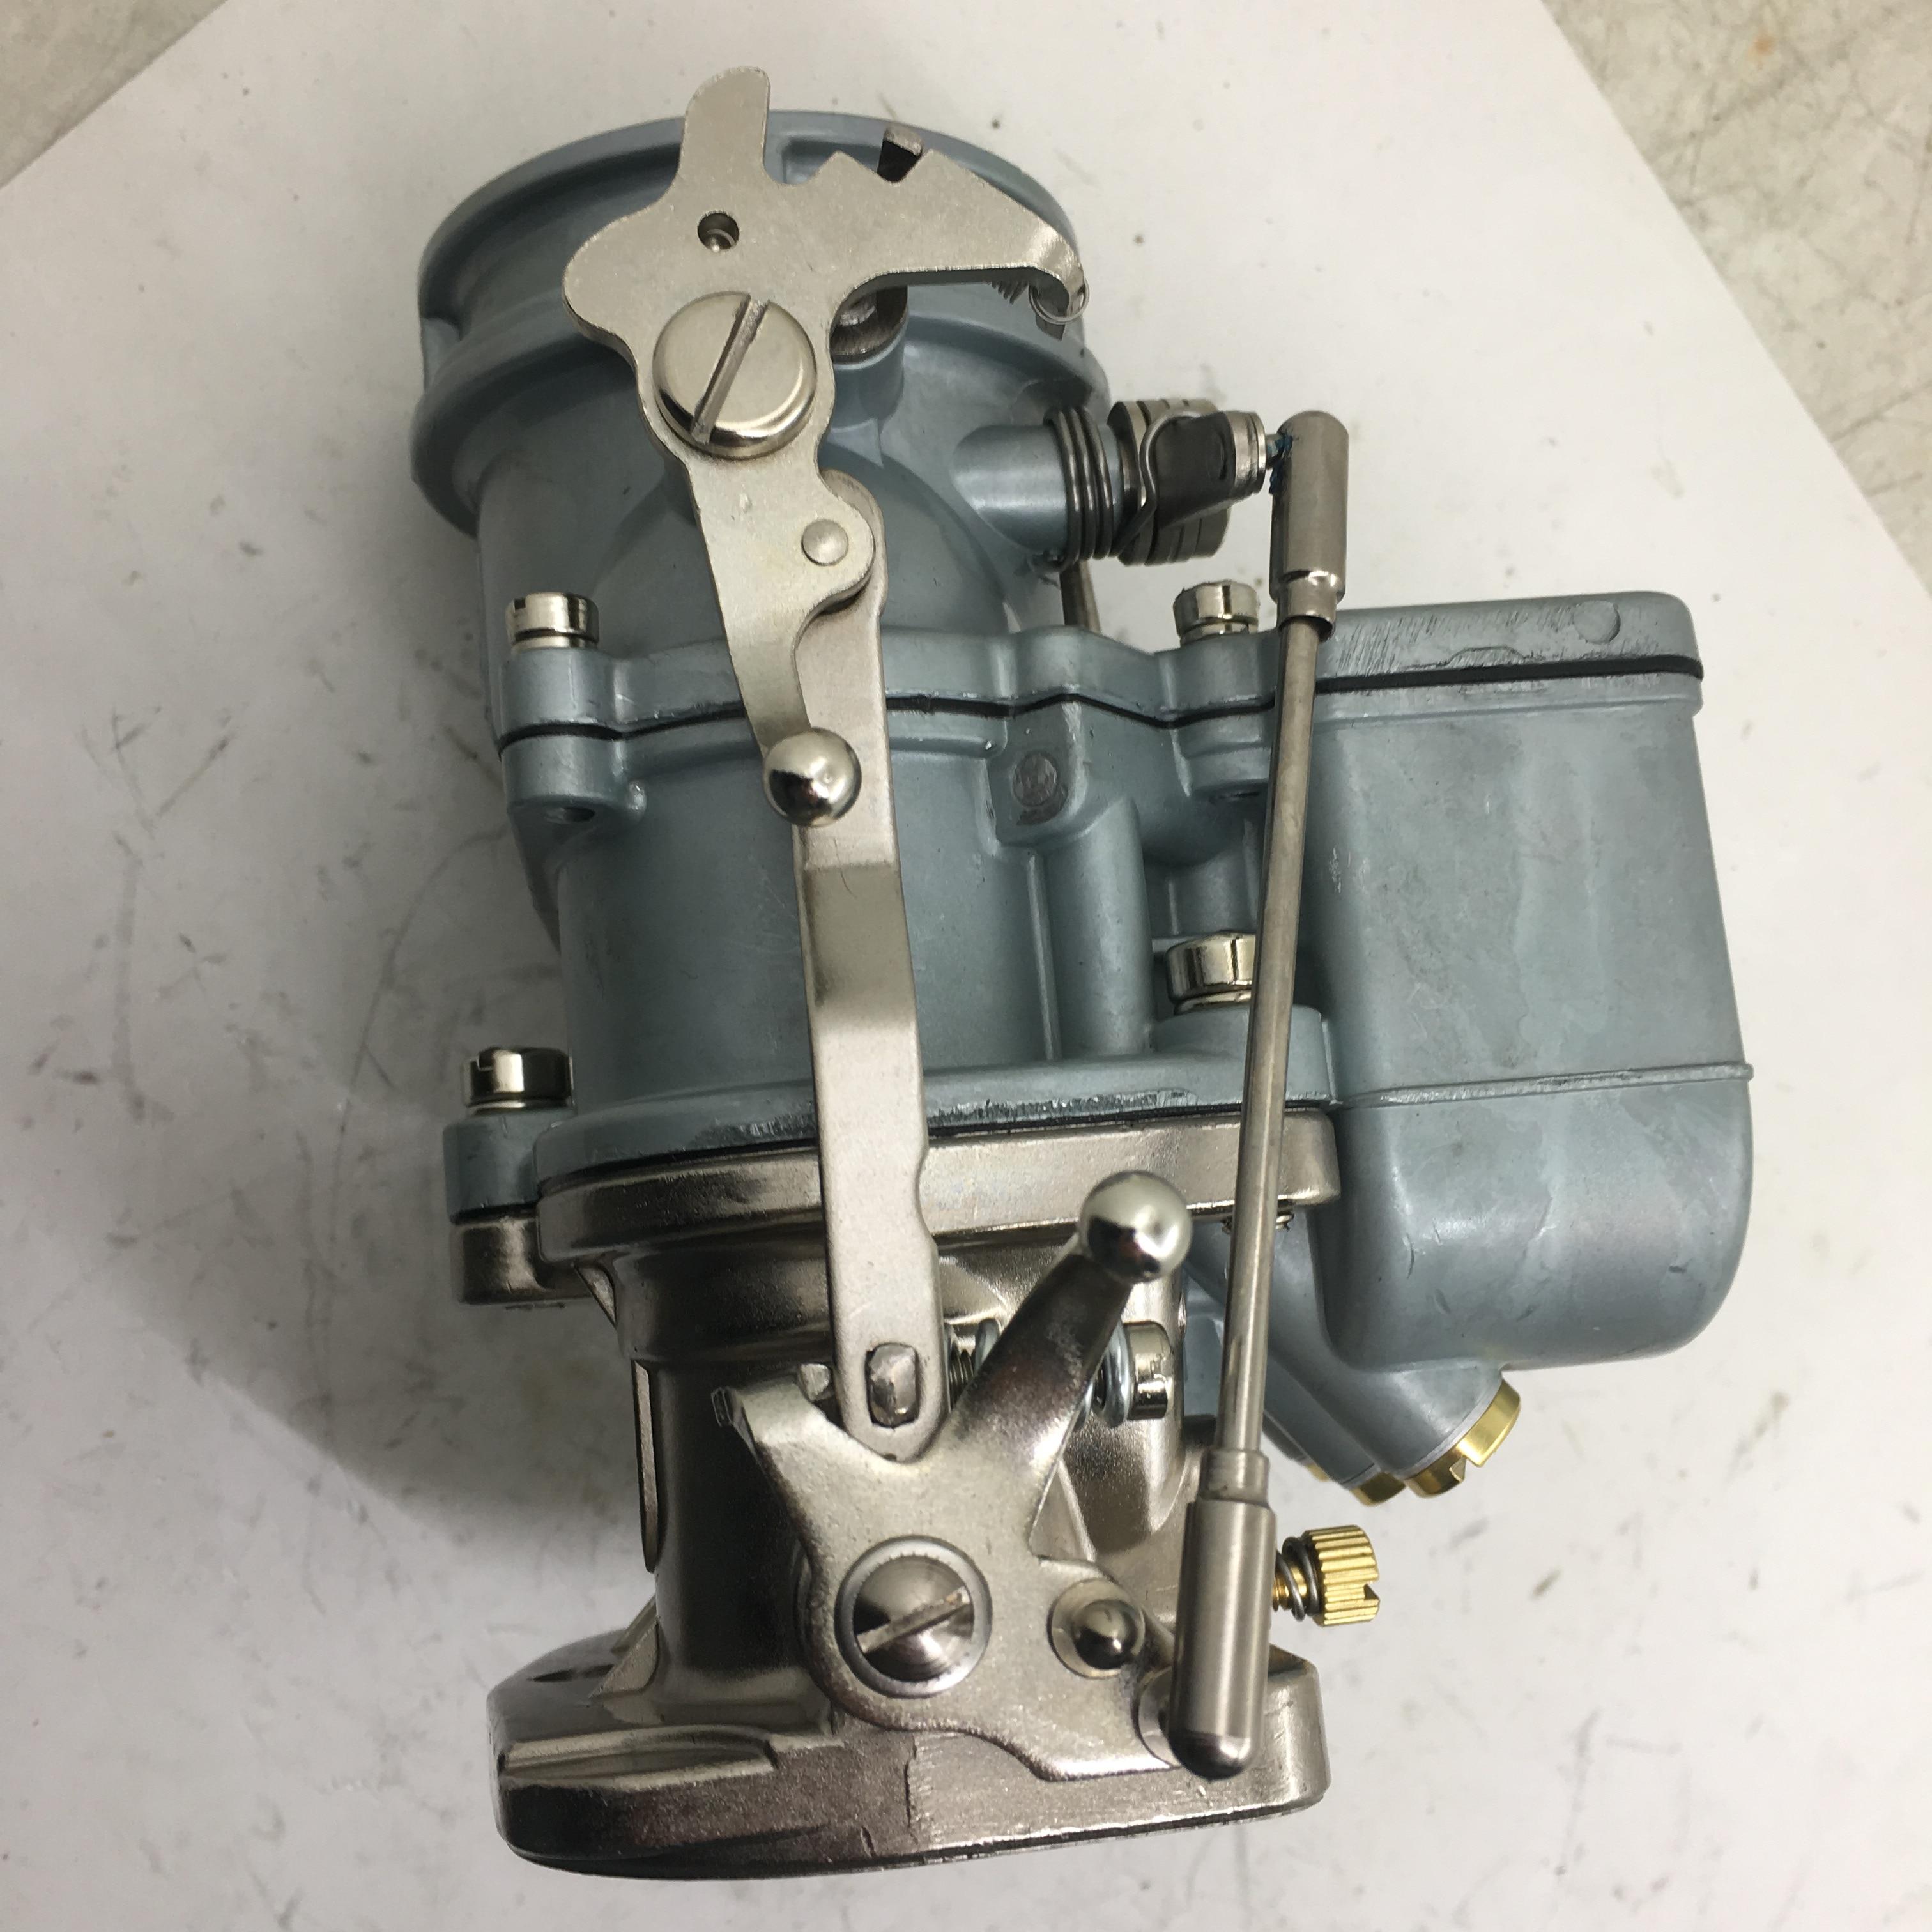 SherryBerg gorący pręt OEM gaźnik dla Ford Flathead gaźnik Super 97 naturalne wykończenie 2-Bbl 97 wymienić STROMBERG